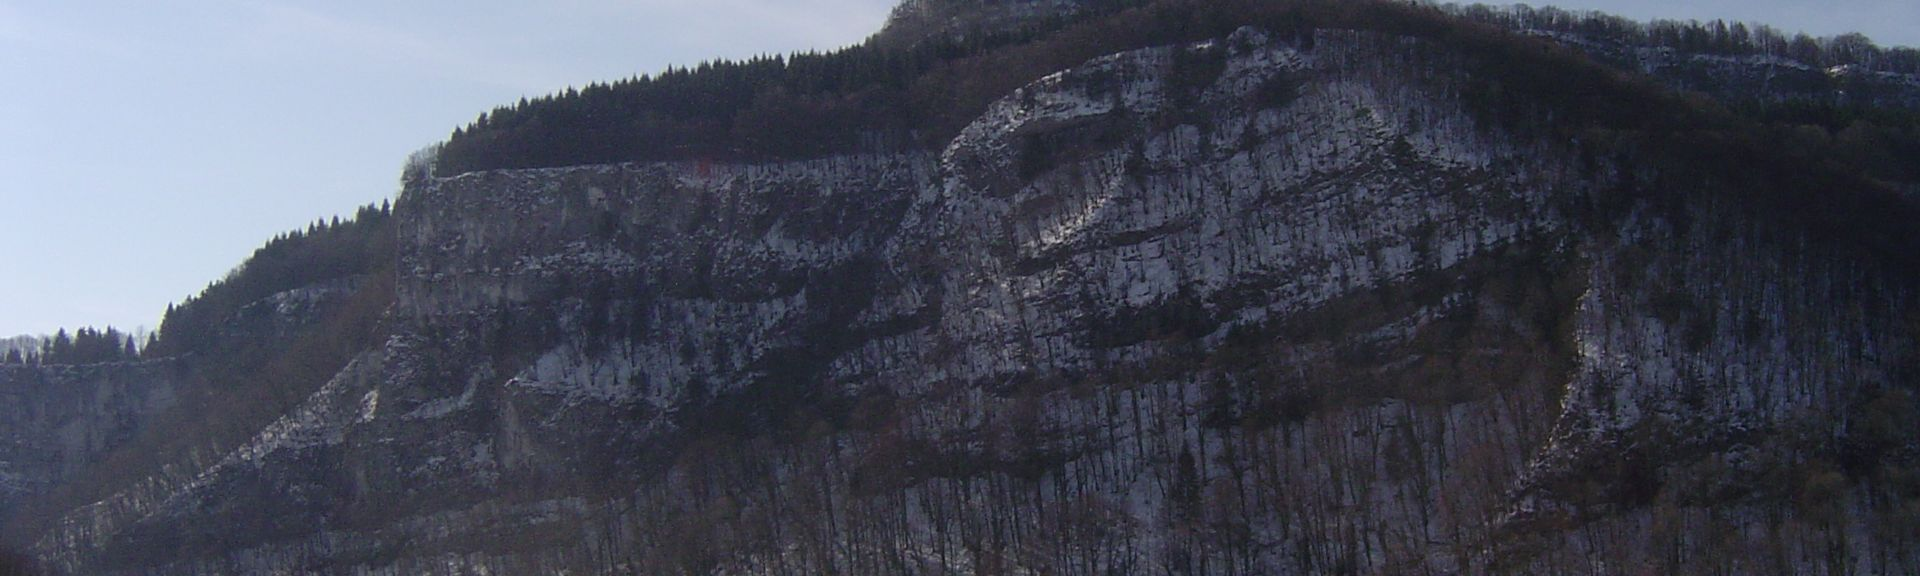 Scey-Maisières, Département Doubs, Frankreich